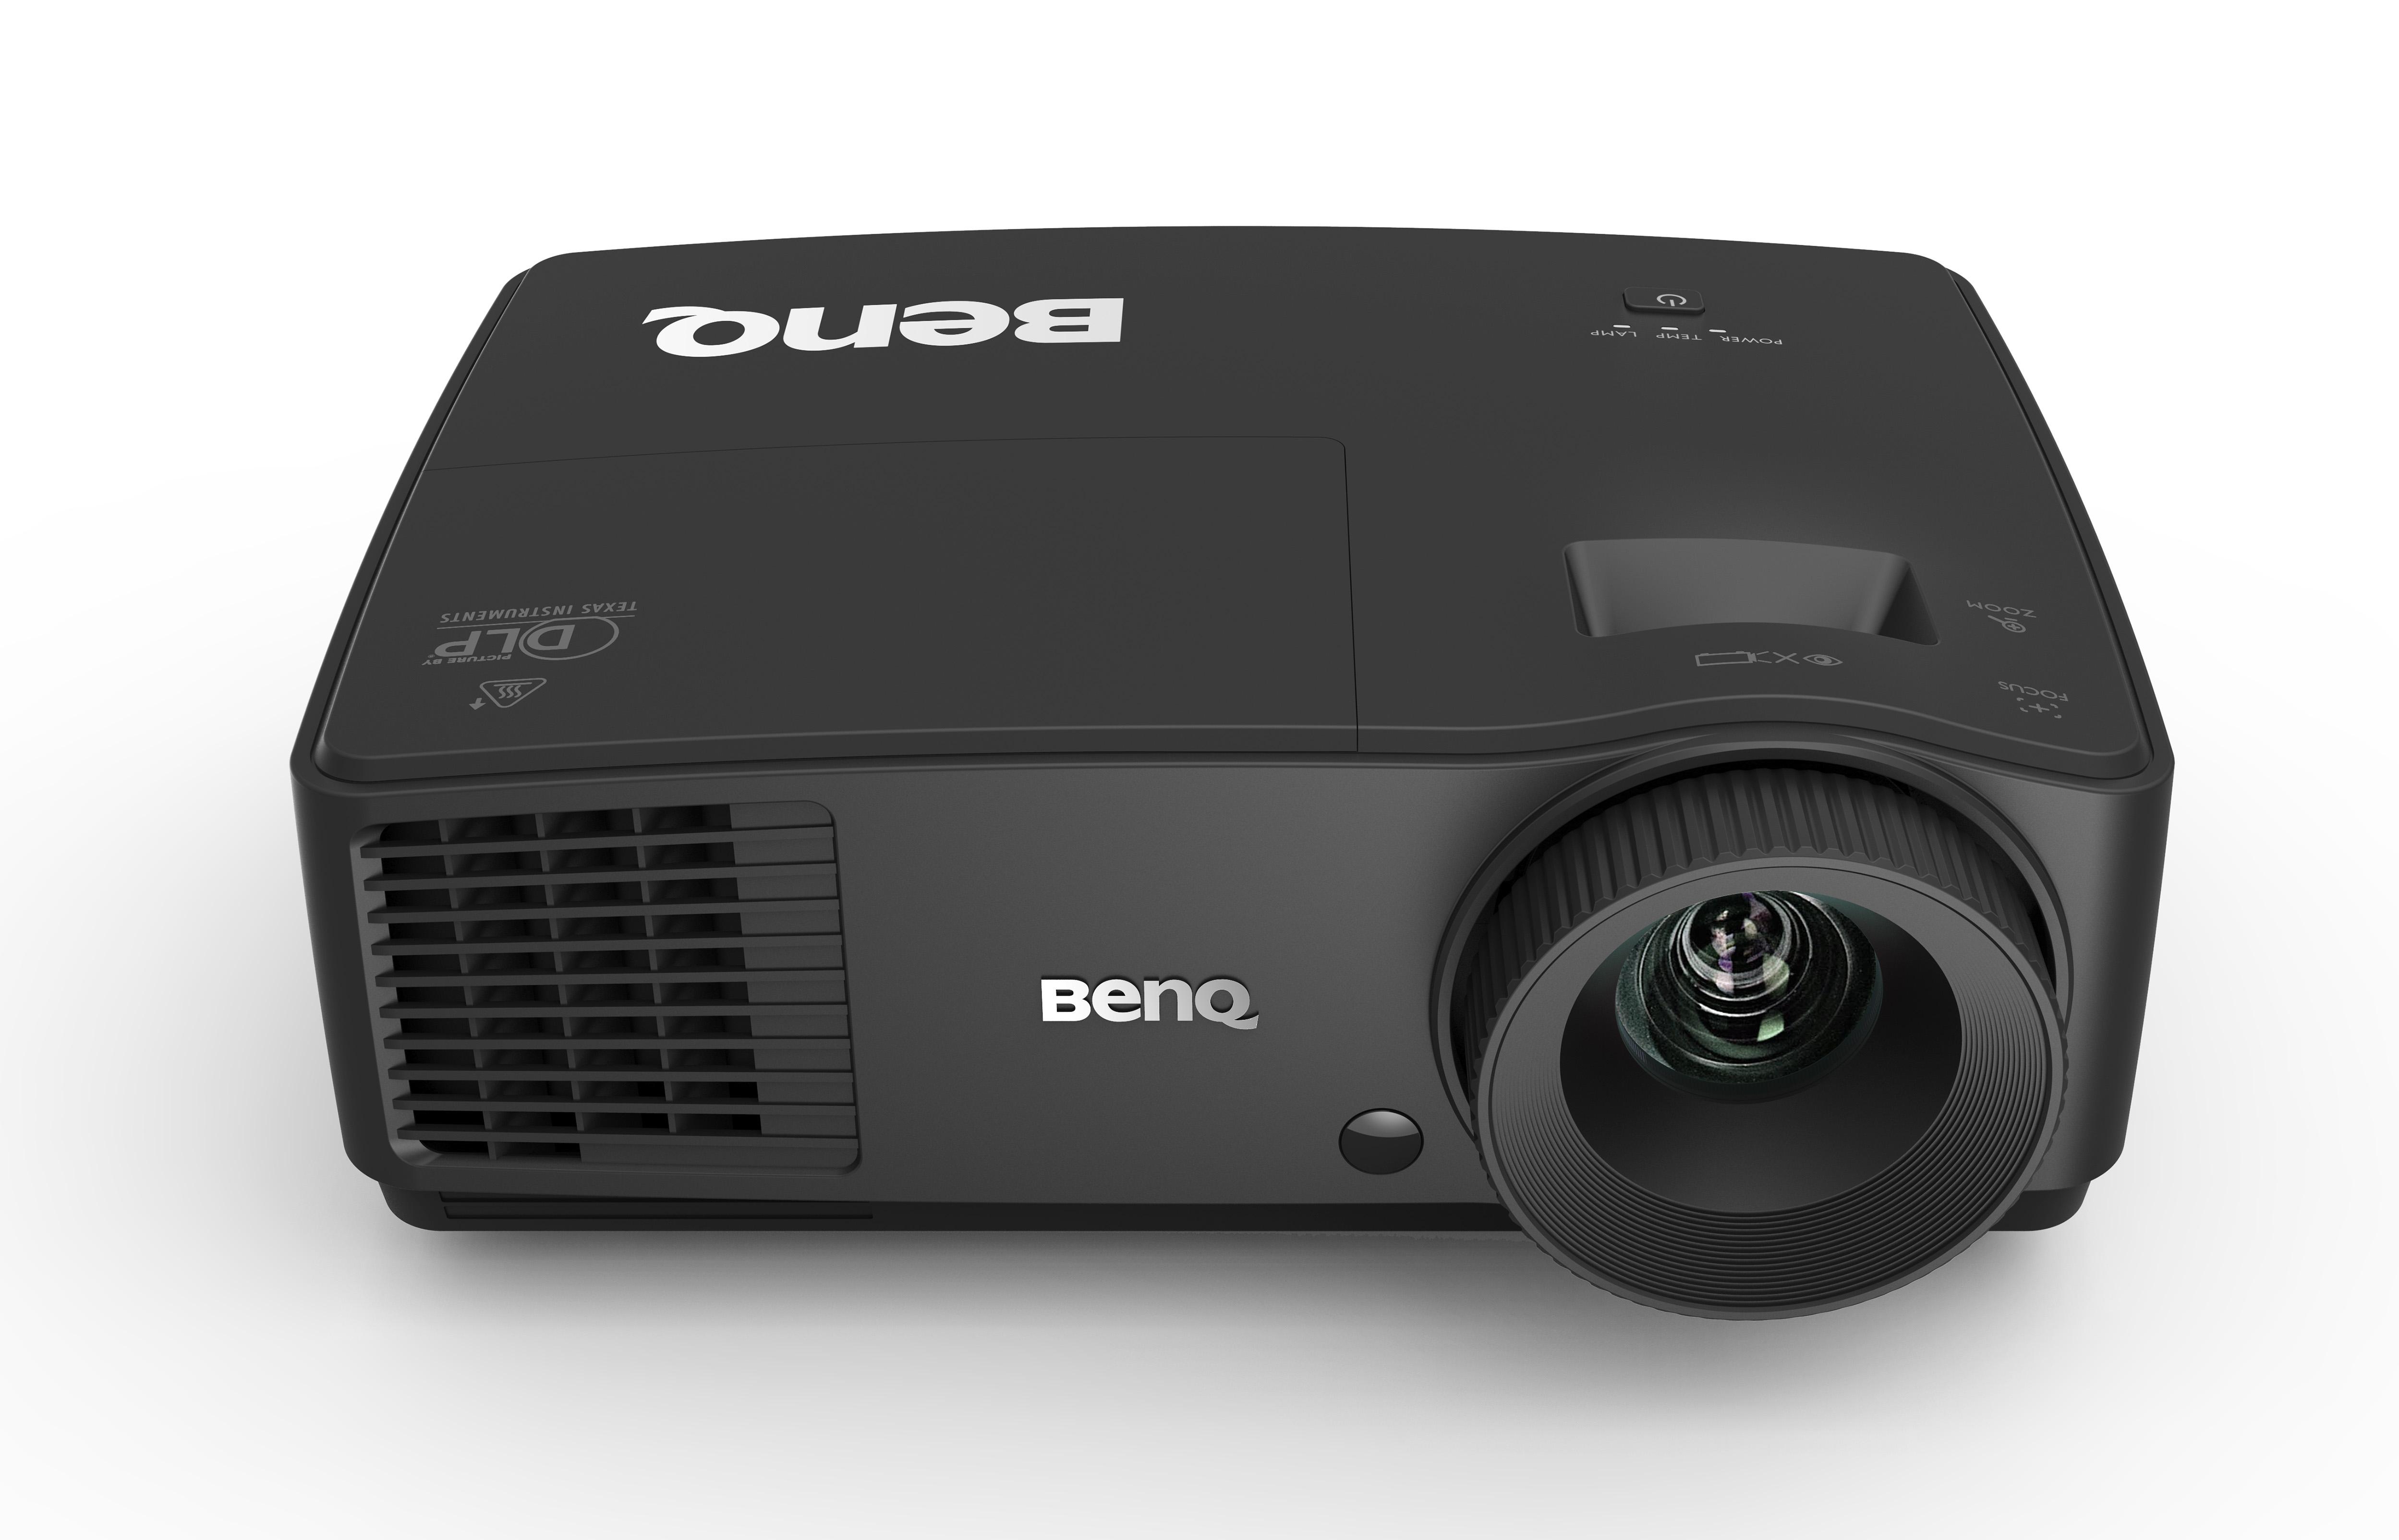 BENQ EX501 ความสว่าง 3000 ความละเอียด(พิกเซล) 1024x768(XGA) ค่า Contrast เท่ากับ13,000:1 น้ำหนัก 1.94kg